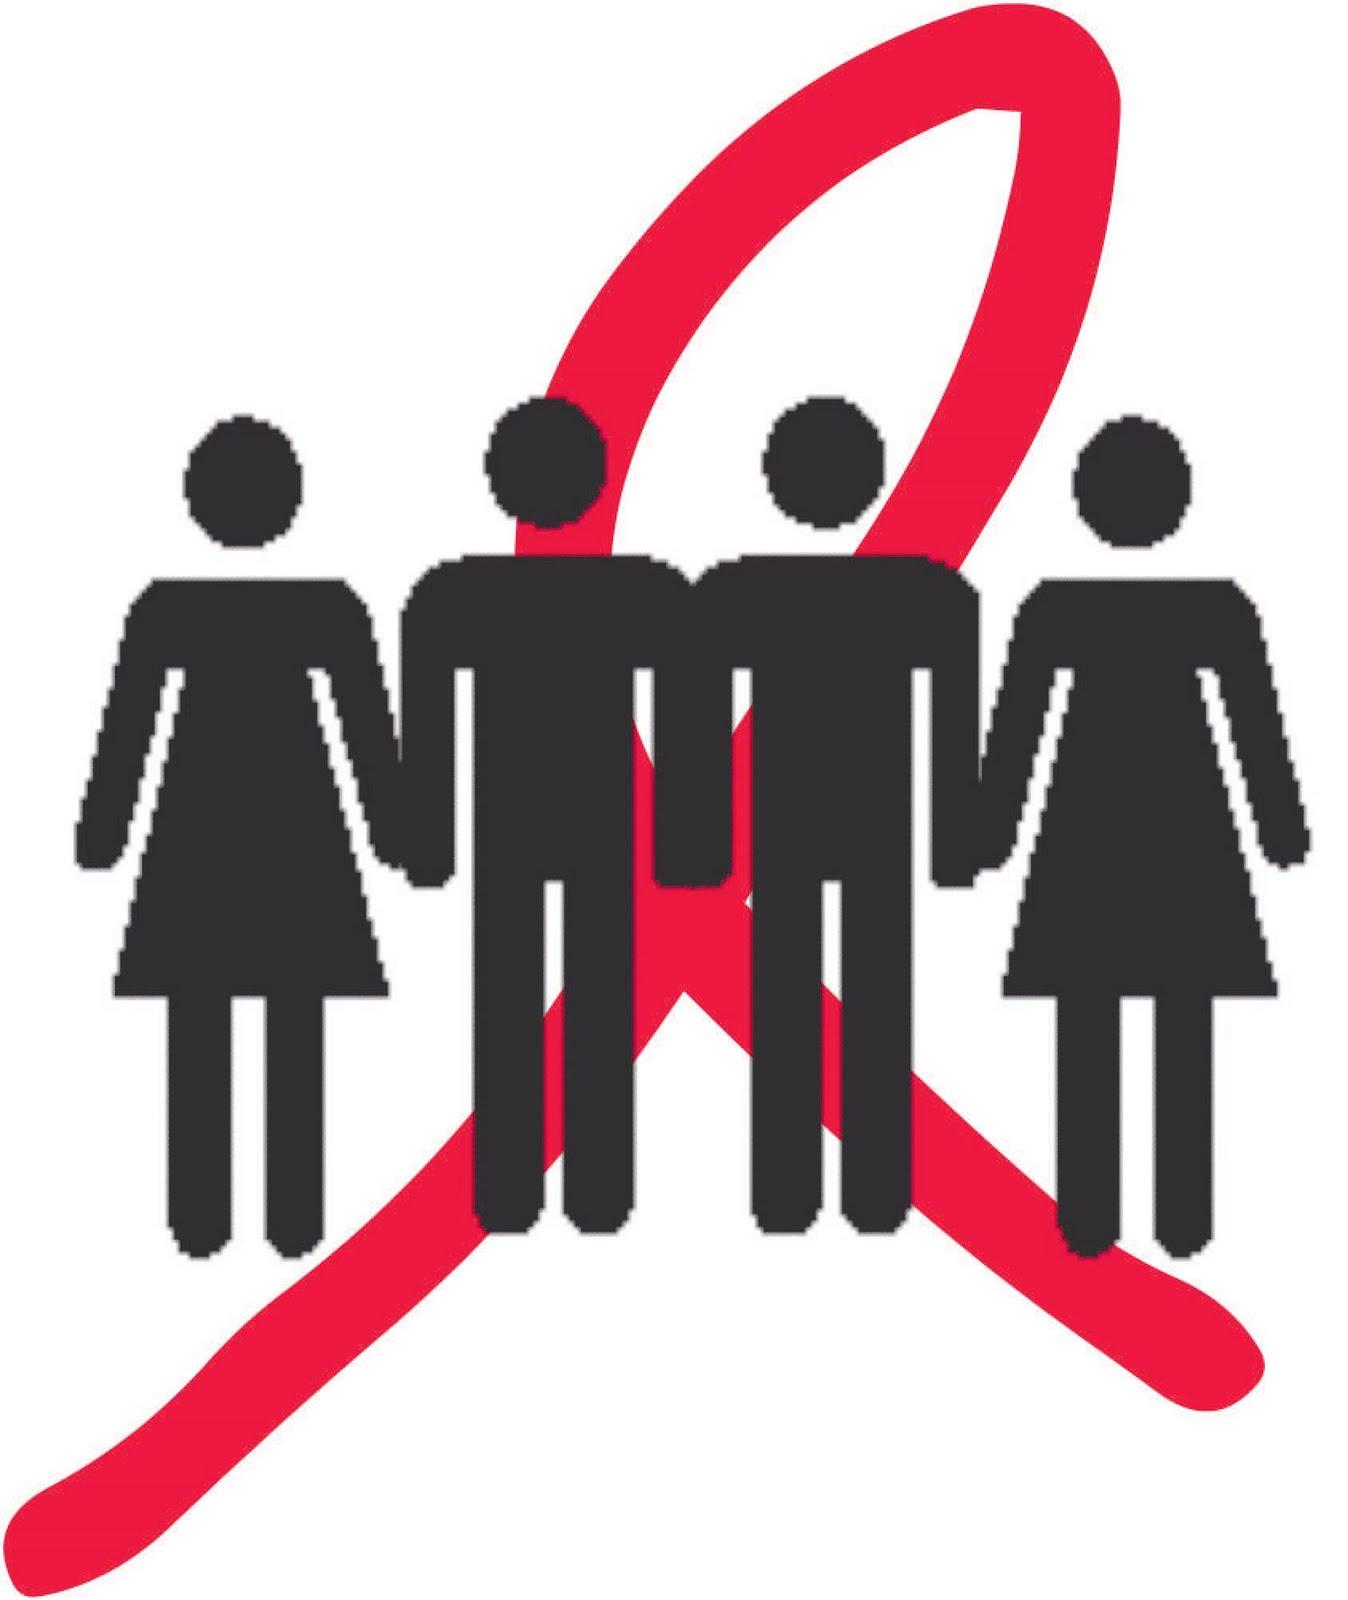 Cruz Roja - Gurutze Gorria ELGOIBAR: Charla - Taller: VIH - SIDA